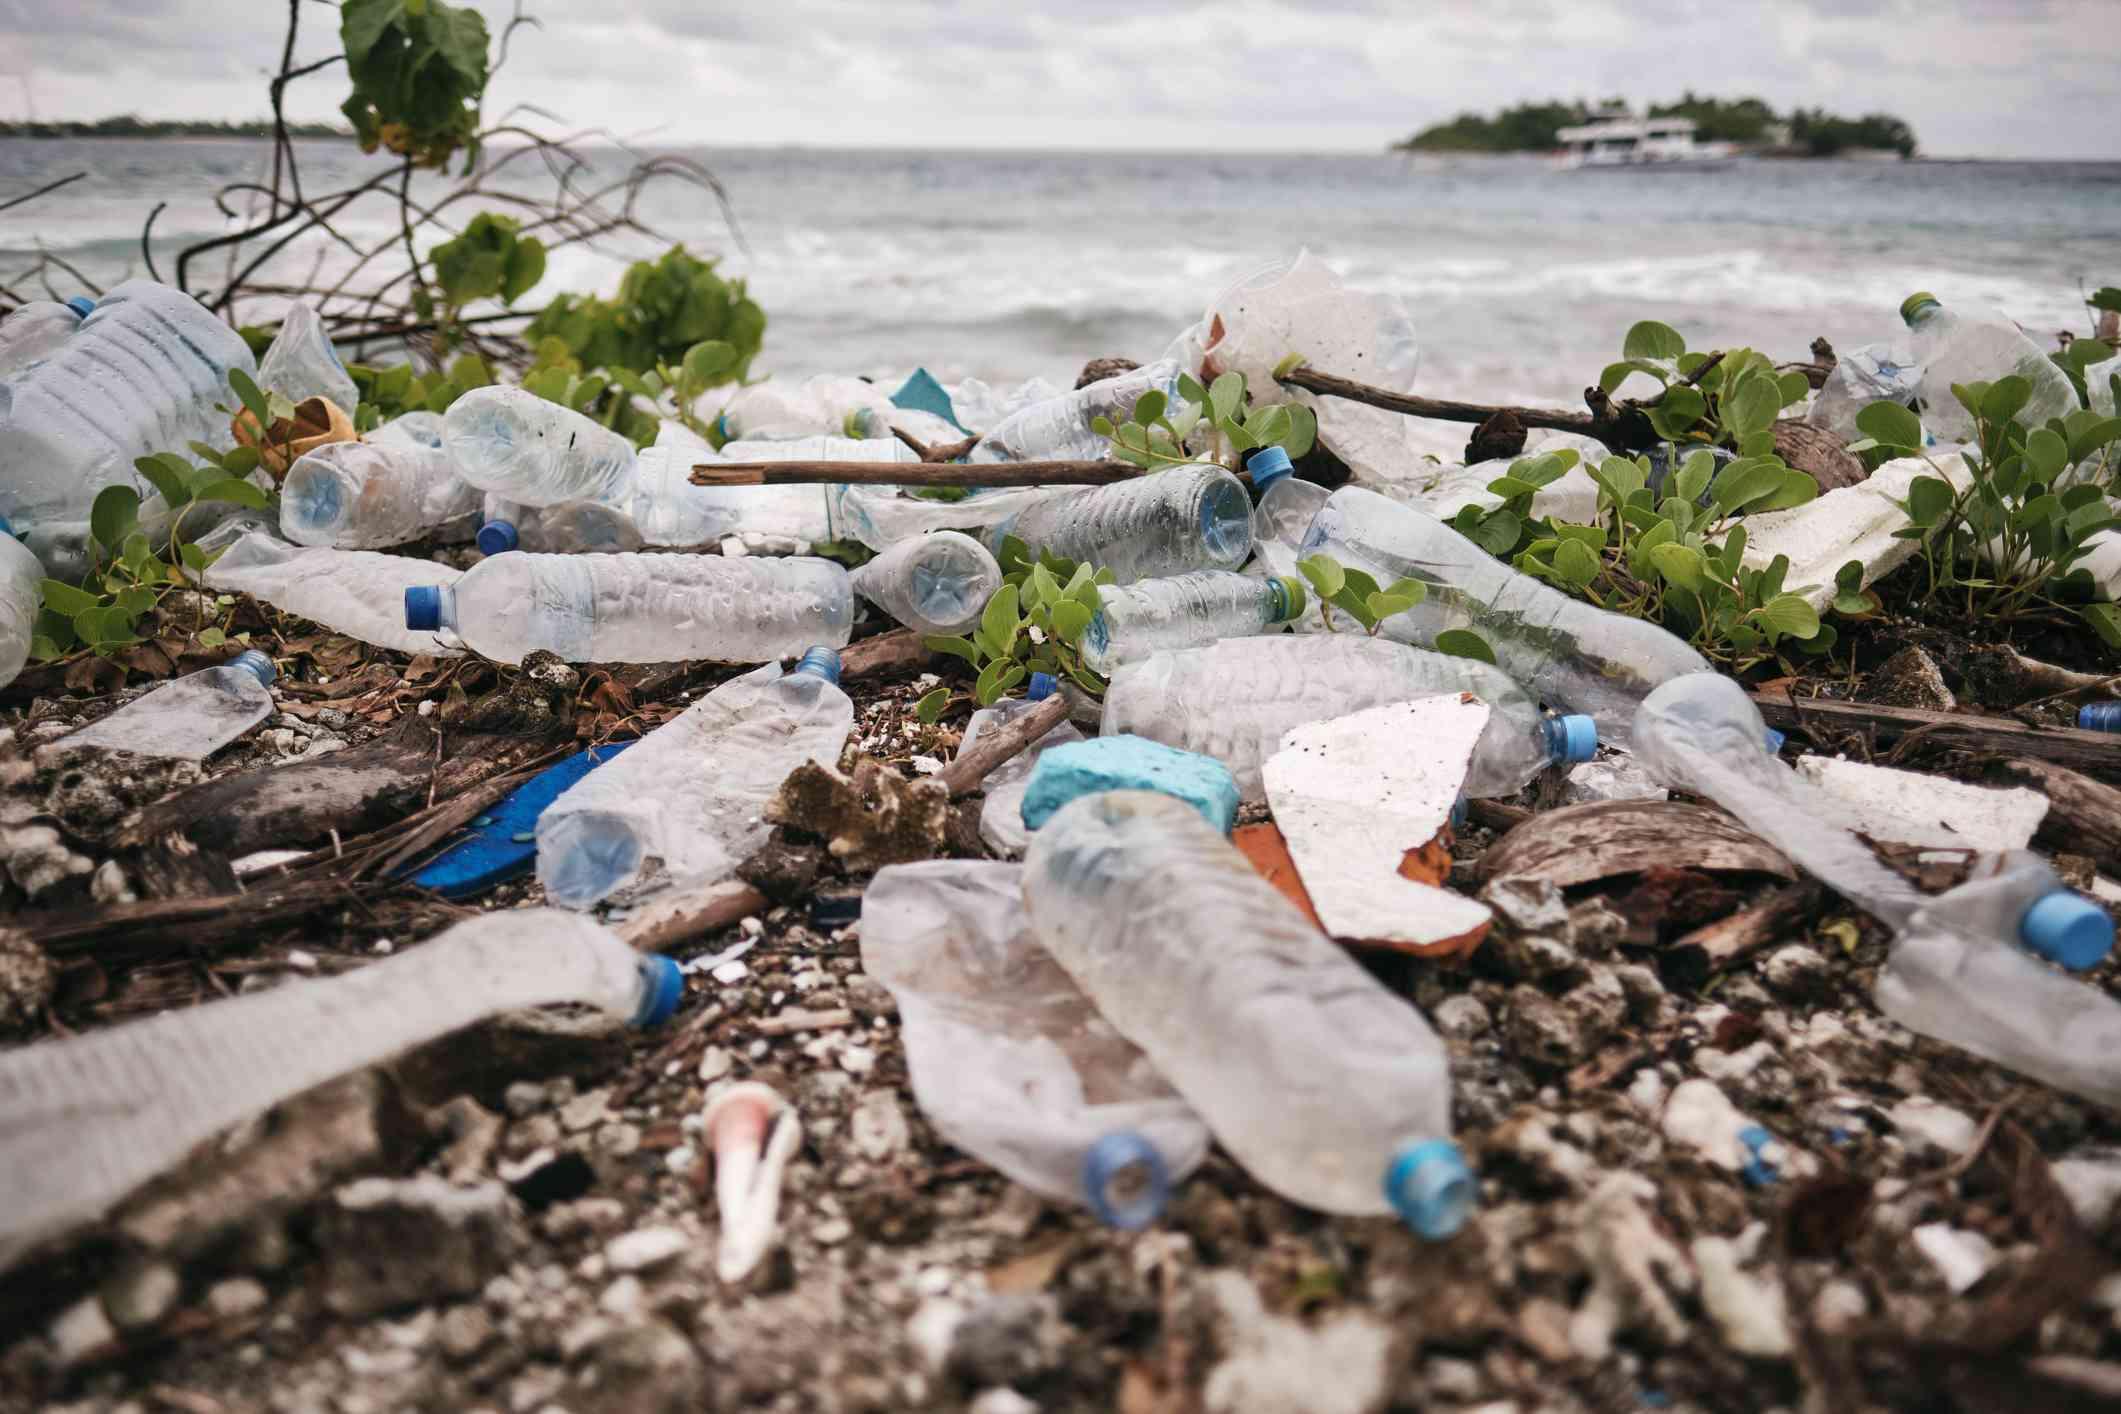 Plastic water bottles littered on the beach.